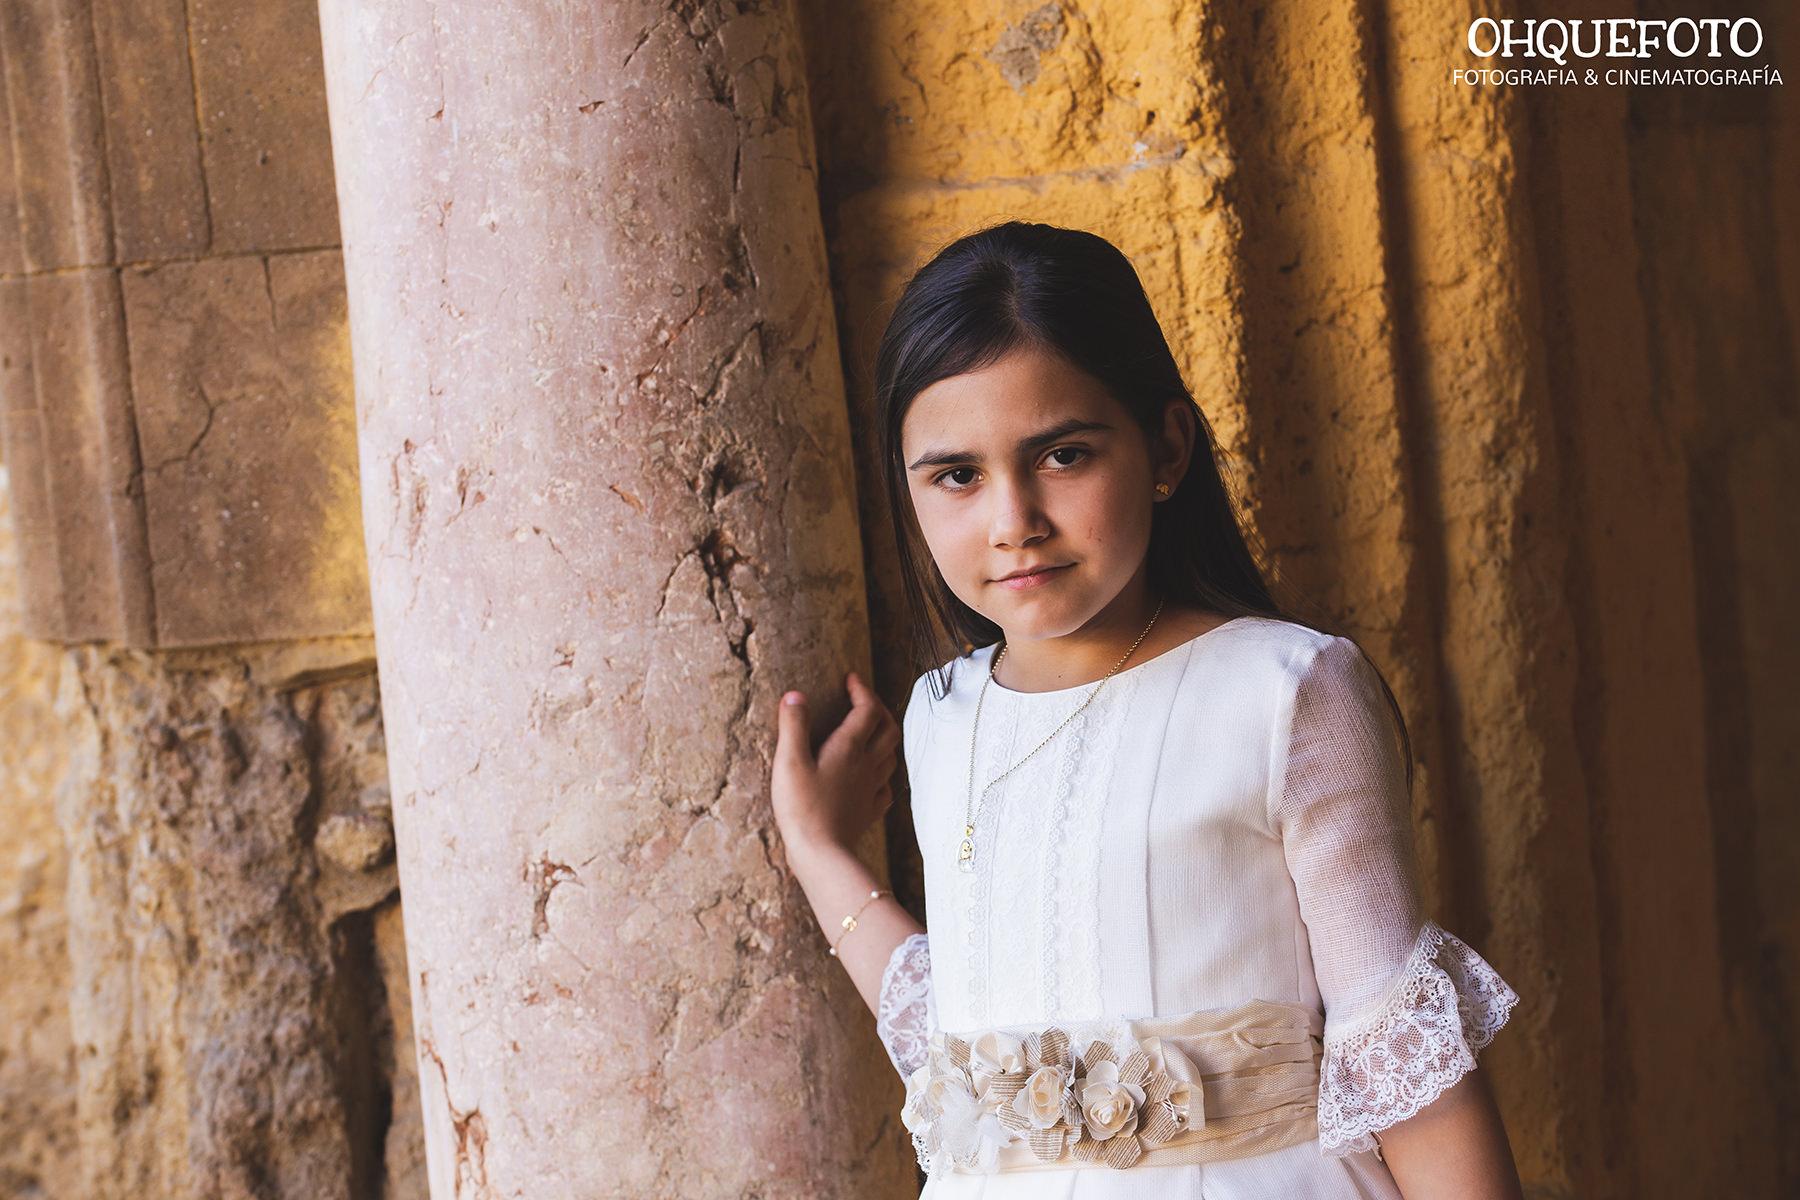 reportaje de comunion cordoba chillon almaden comuniones exterior fotos de comunion catedral cordoba mezquita puente romano juderia036 - Sara - Reportaje de comunión en la Mezquita de Córdoba